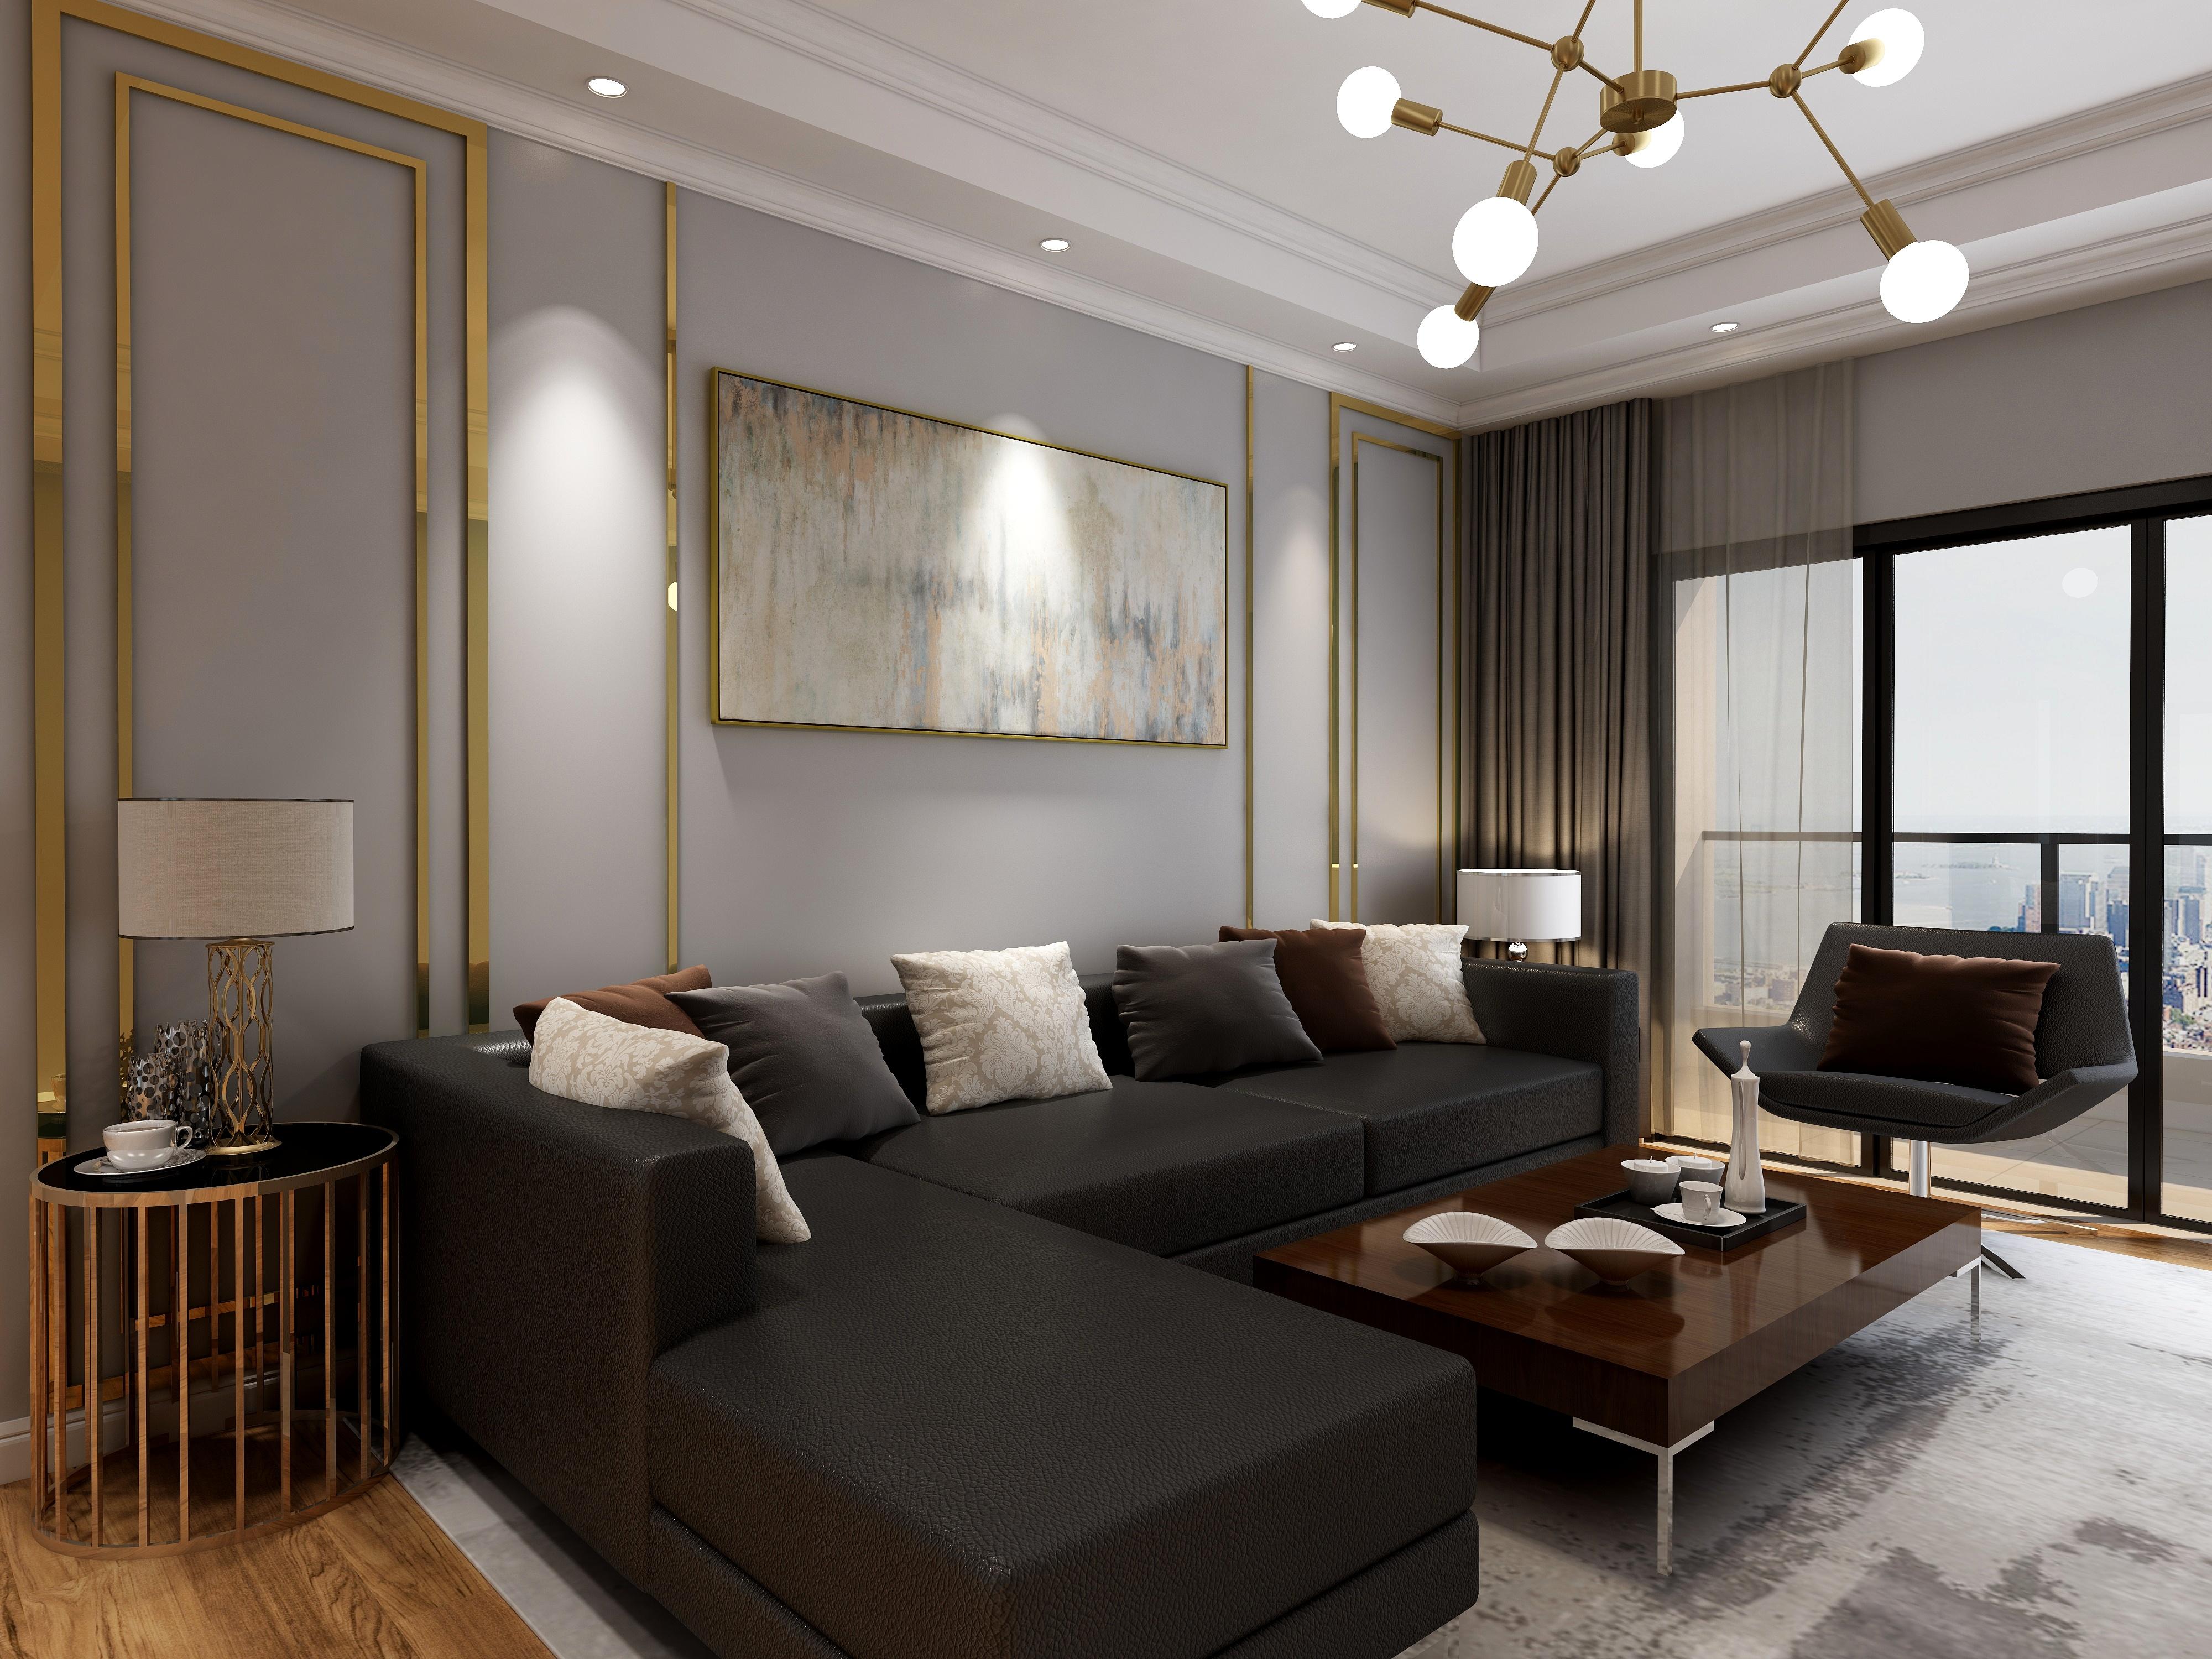 珠海平沙九号109平方现代风格三房两厅